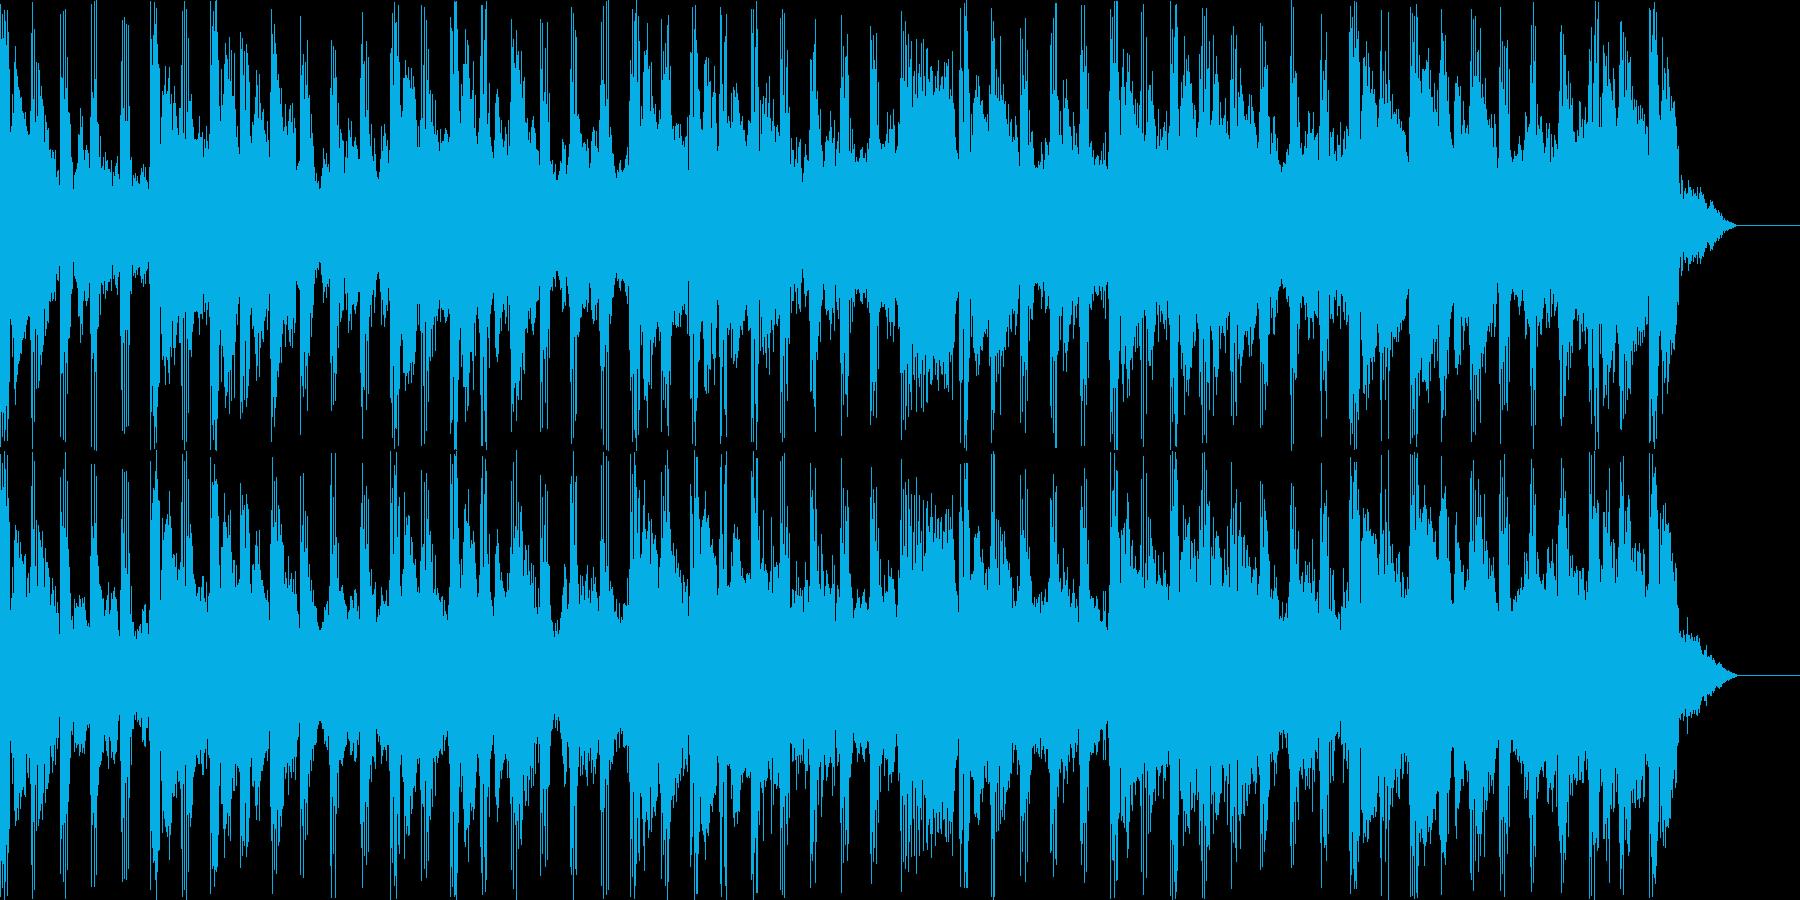 エンディングを感じるBGMの再生済みの波形